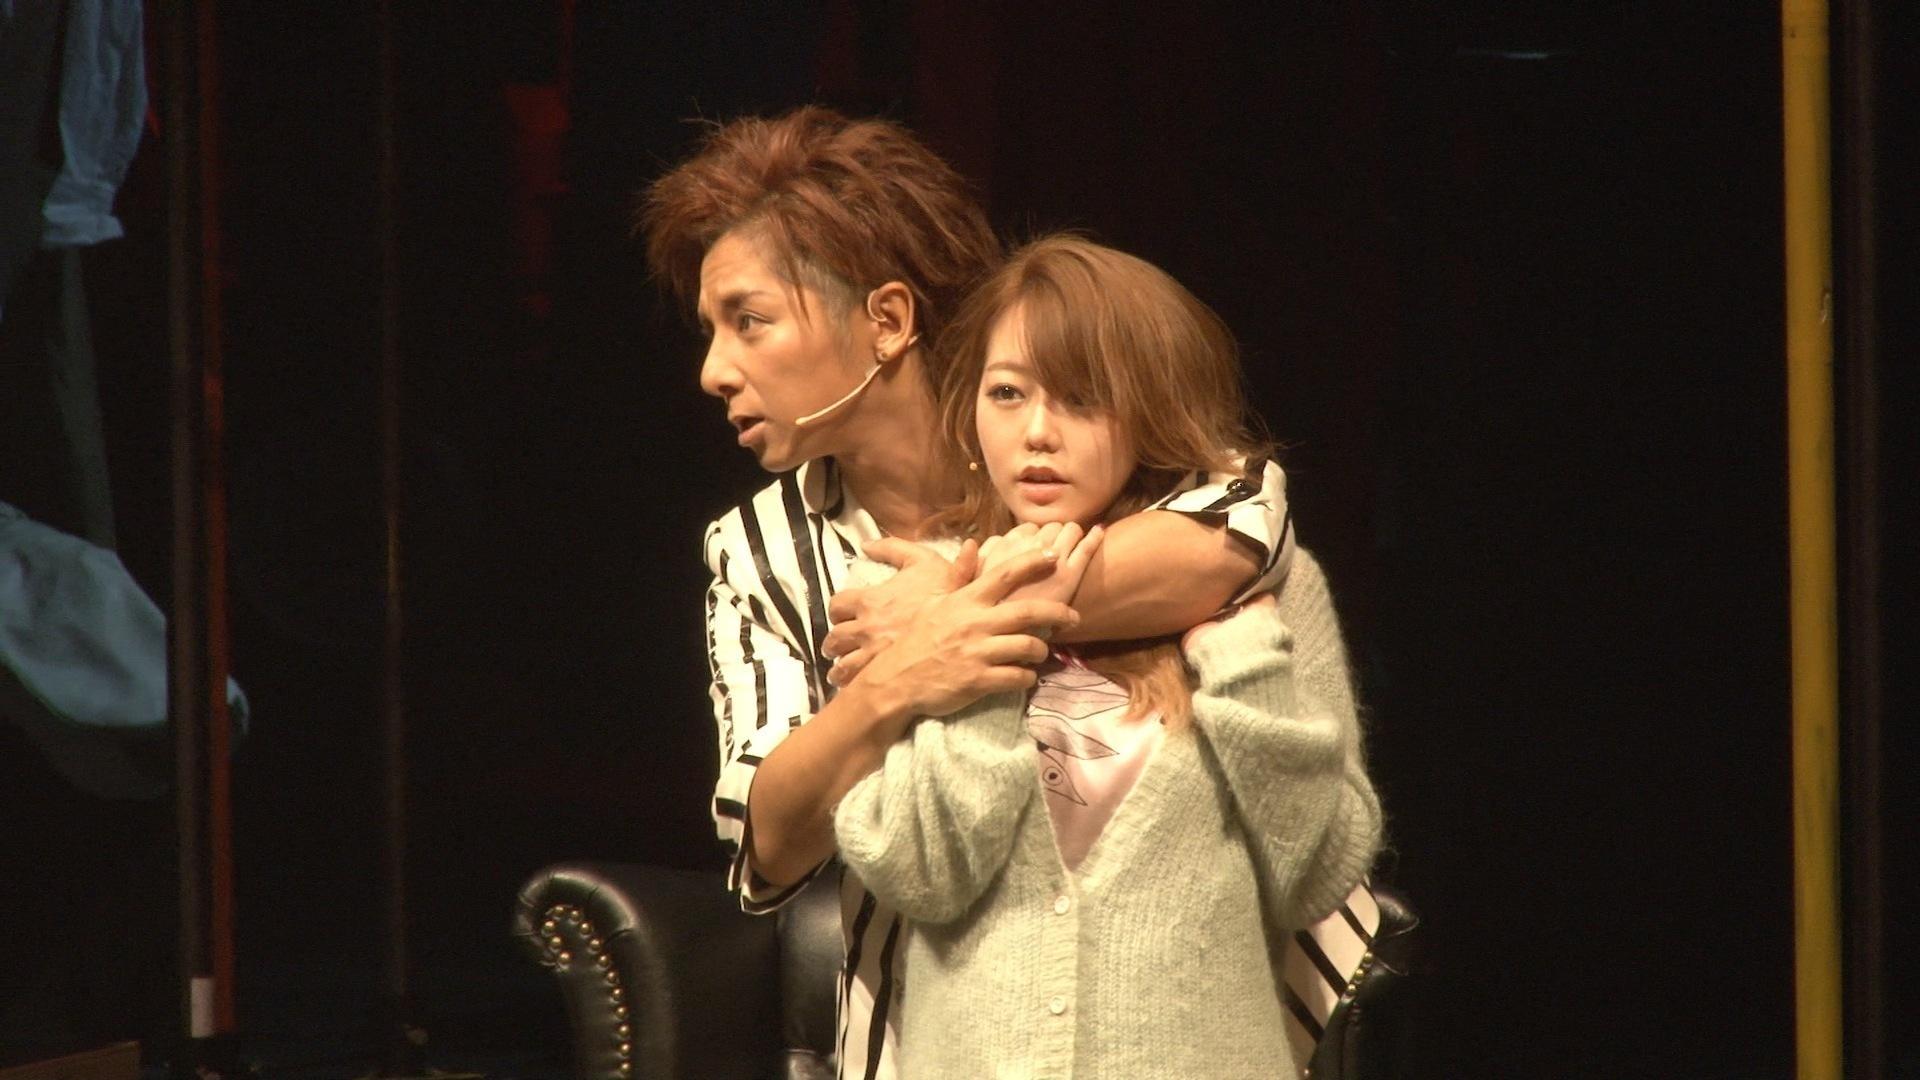 観客を巻き込み松岡充のマクヒィスが熱く歌う!吉本実憂・峯岸みなみ(AKB48)らが出演の「三文オペラ」1月23日からKAATで開幕!